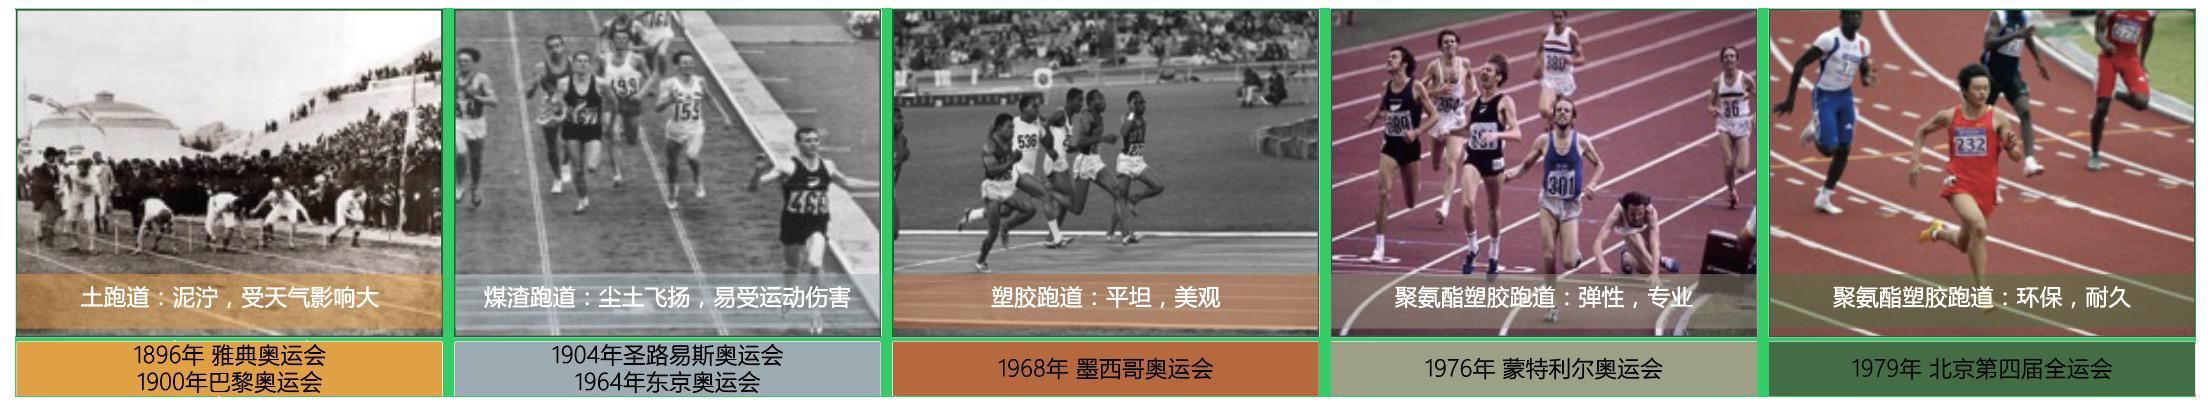 塑胶跑道发展历史